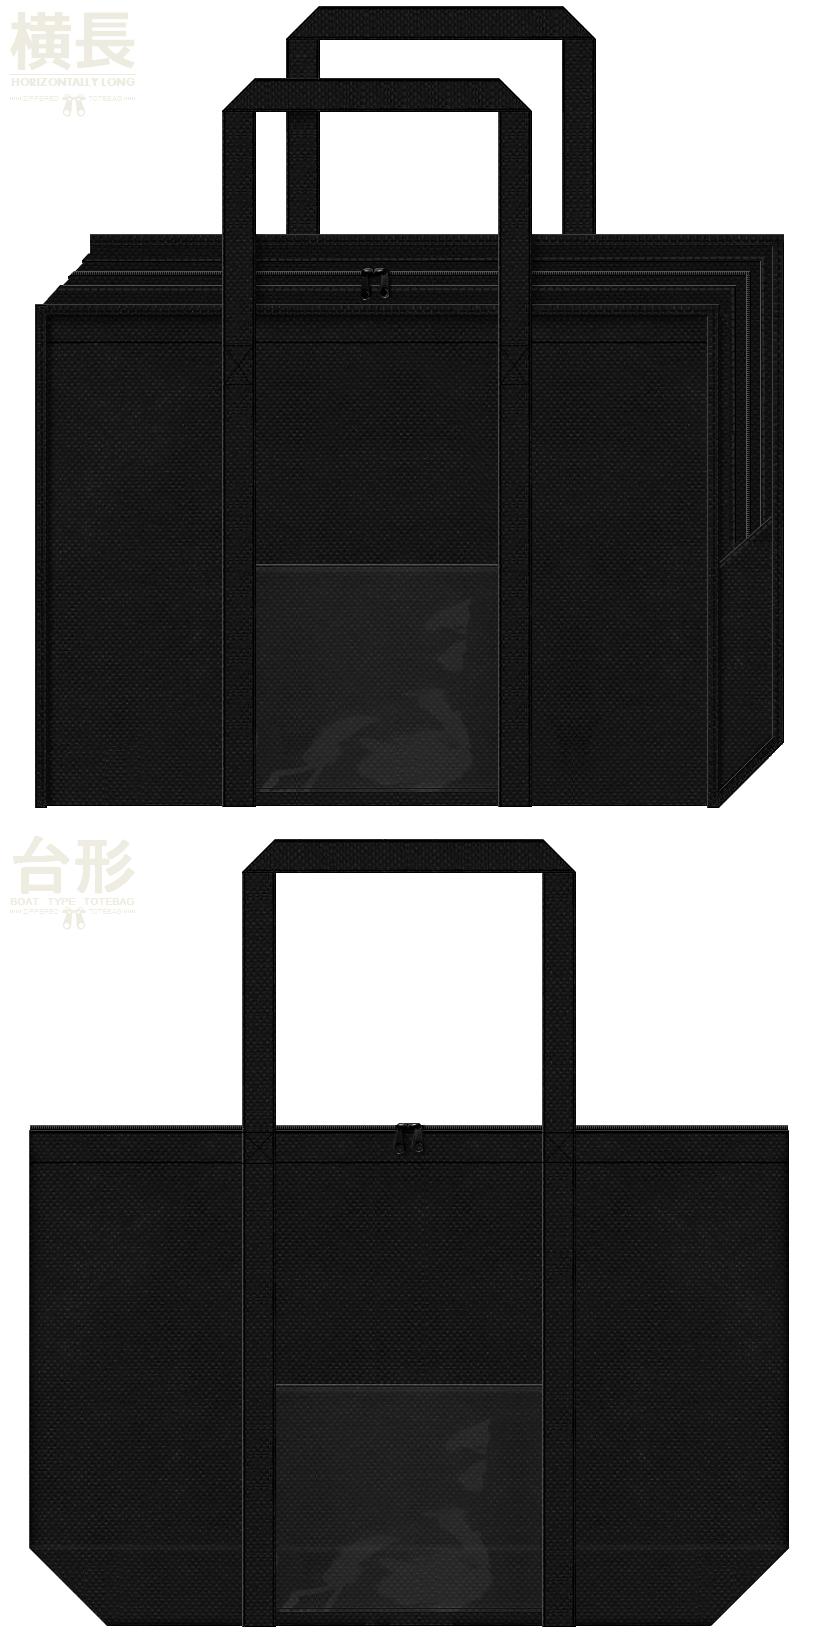 黒色の不織布バッグデザイン:透明ポケット付きの不織布ランドリーバッグ